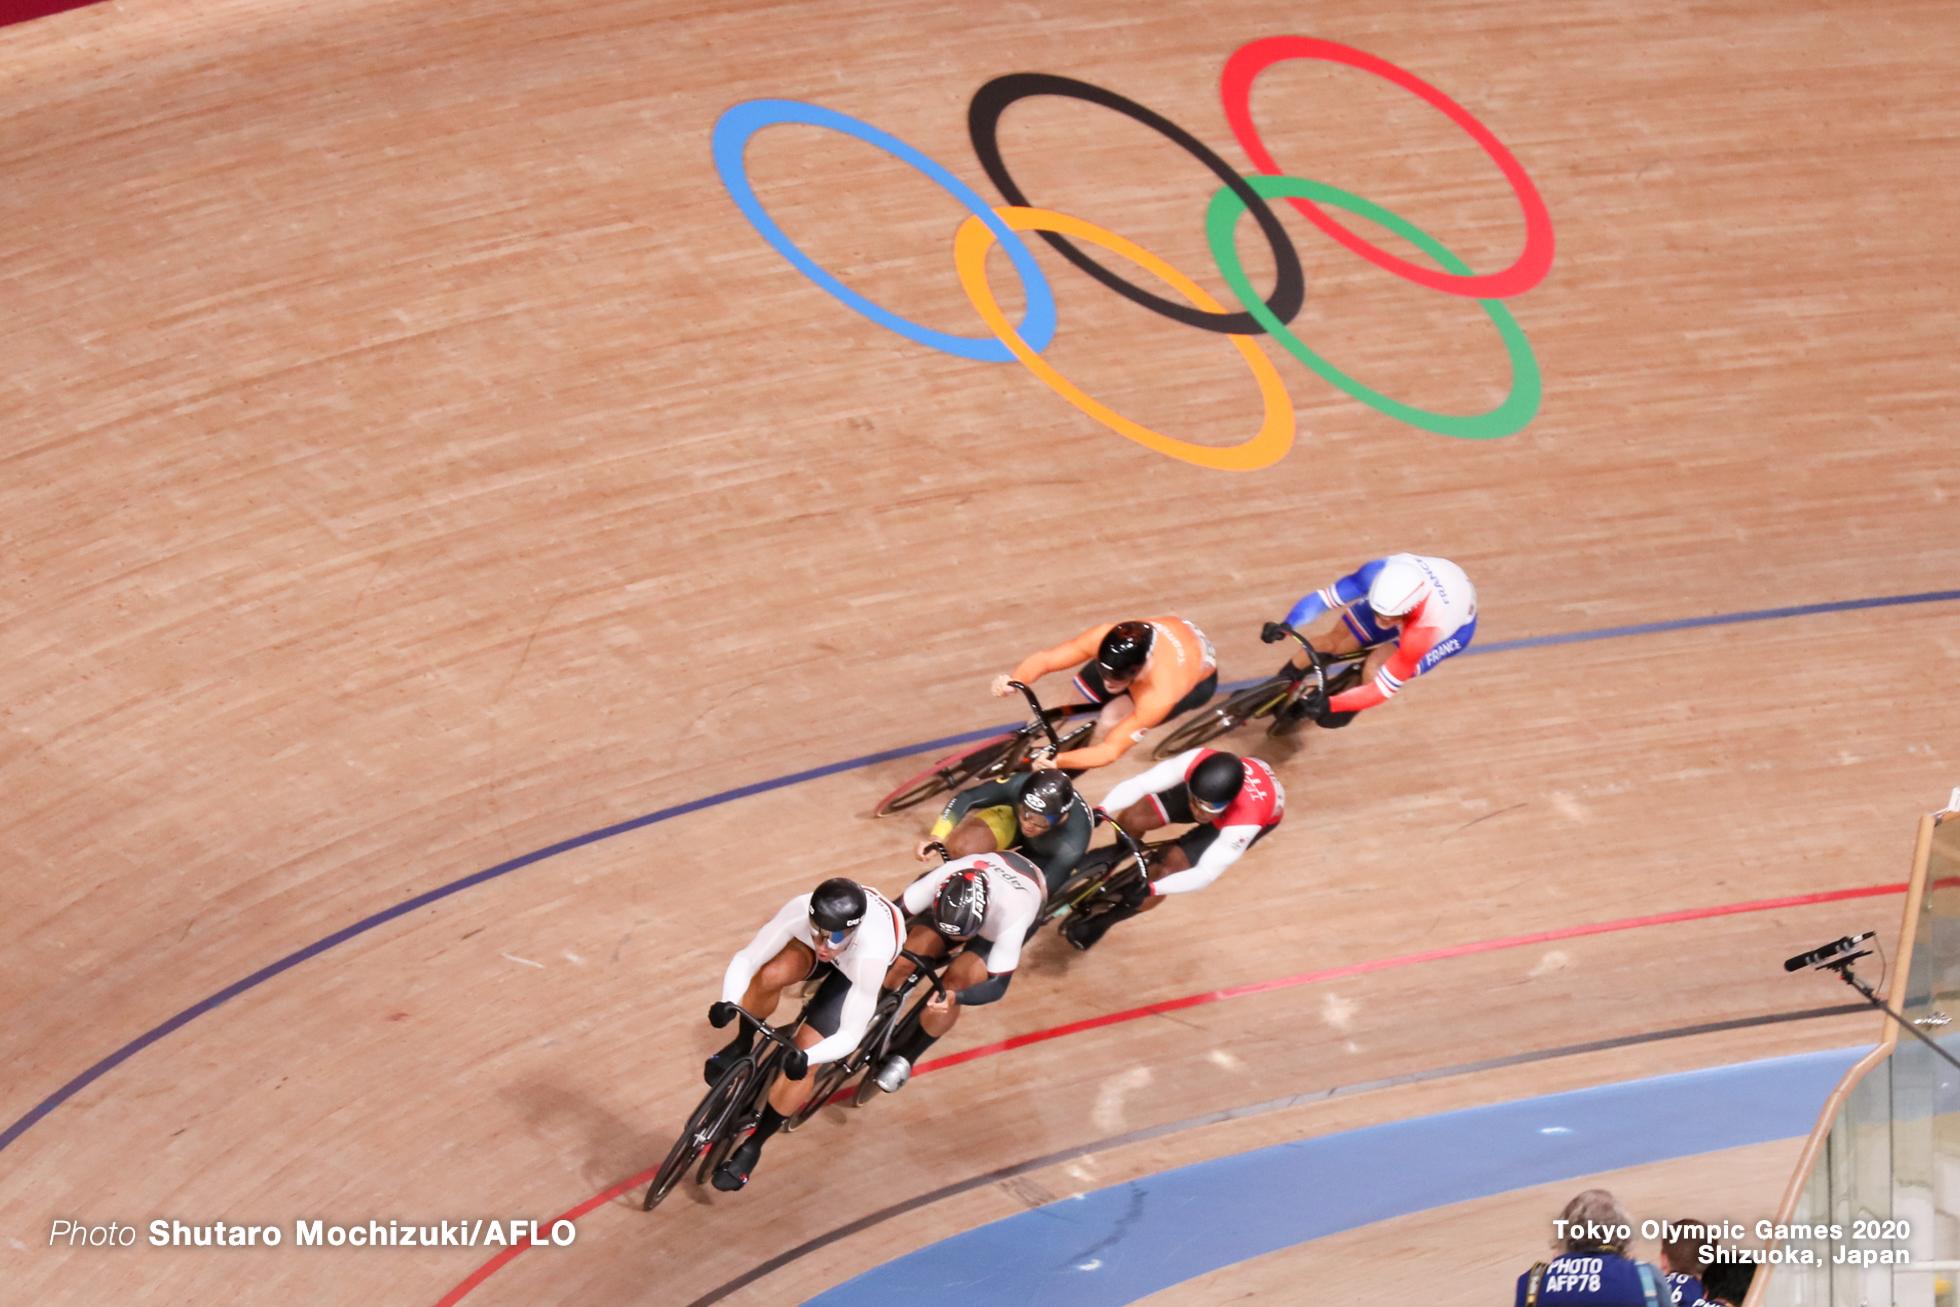 ライアン・エラル Rayan Helal (FRA), マキリミリアン・レビ Maximilian Levy (GER), 脇本雄太 Yuta Wakimoto (JPN), アジズルハスニ・アワン Mohd Azizulhasni Awang (MAS), ハリー・ラブレイセン Harrie Lavreysen (NED), ニコラス・ポール Nicholas Paul (TTO), Men's Keirin Semi-Final AUGUST 8, 2021 - Cycling : during the Tokyo 2020 Olympic Games at the Izu Velodrome in Shizuoka, Japan. (Photo by Shutaro Mochizuki/AFLO)